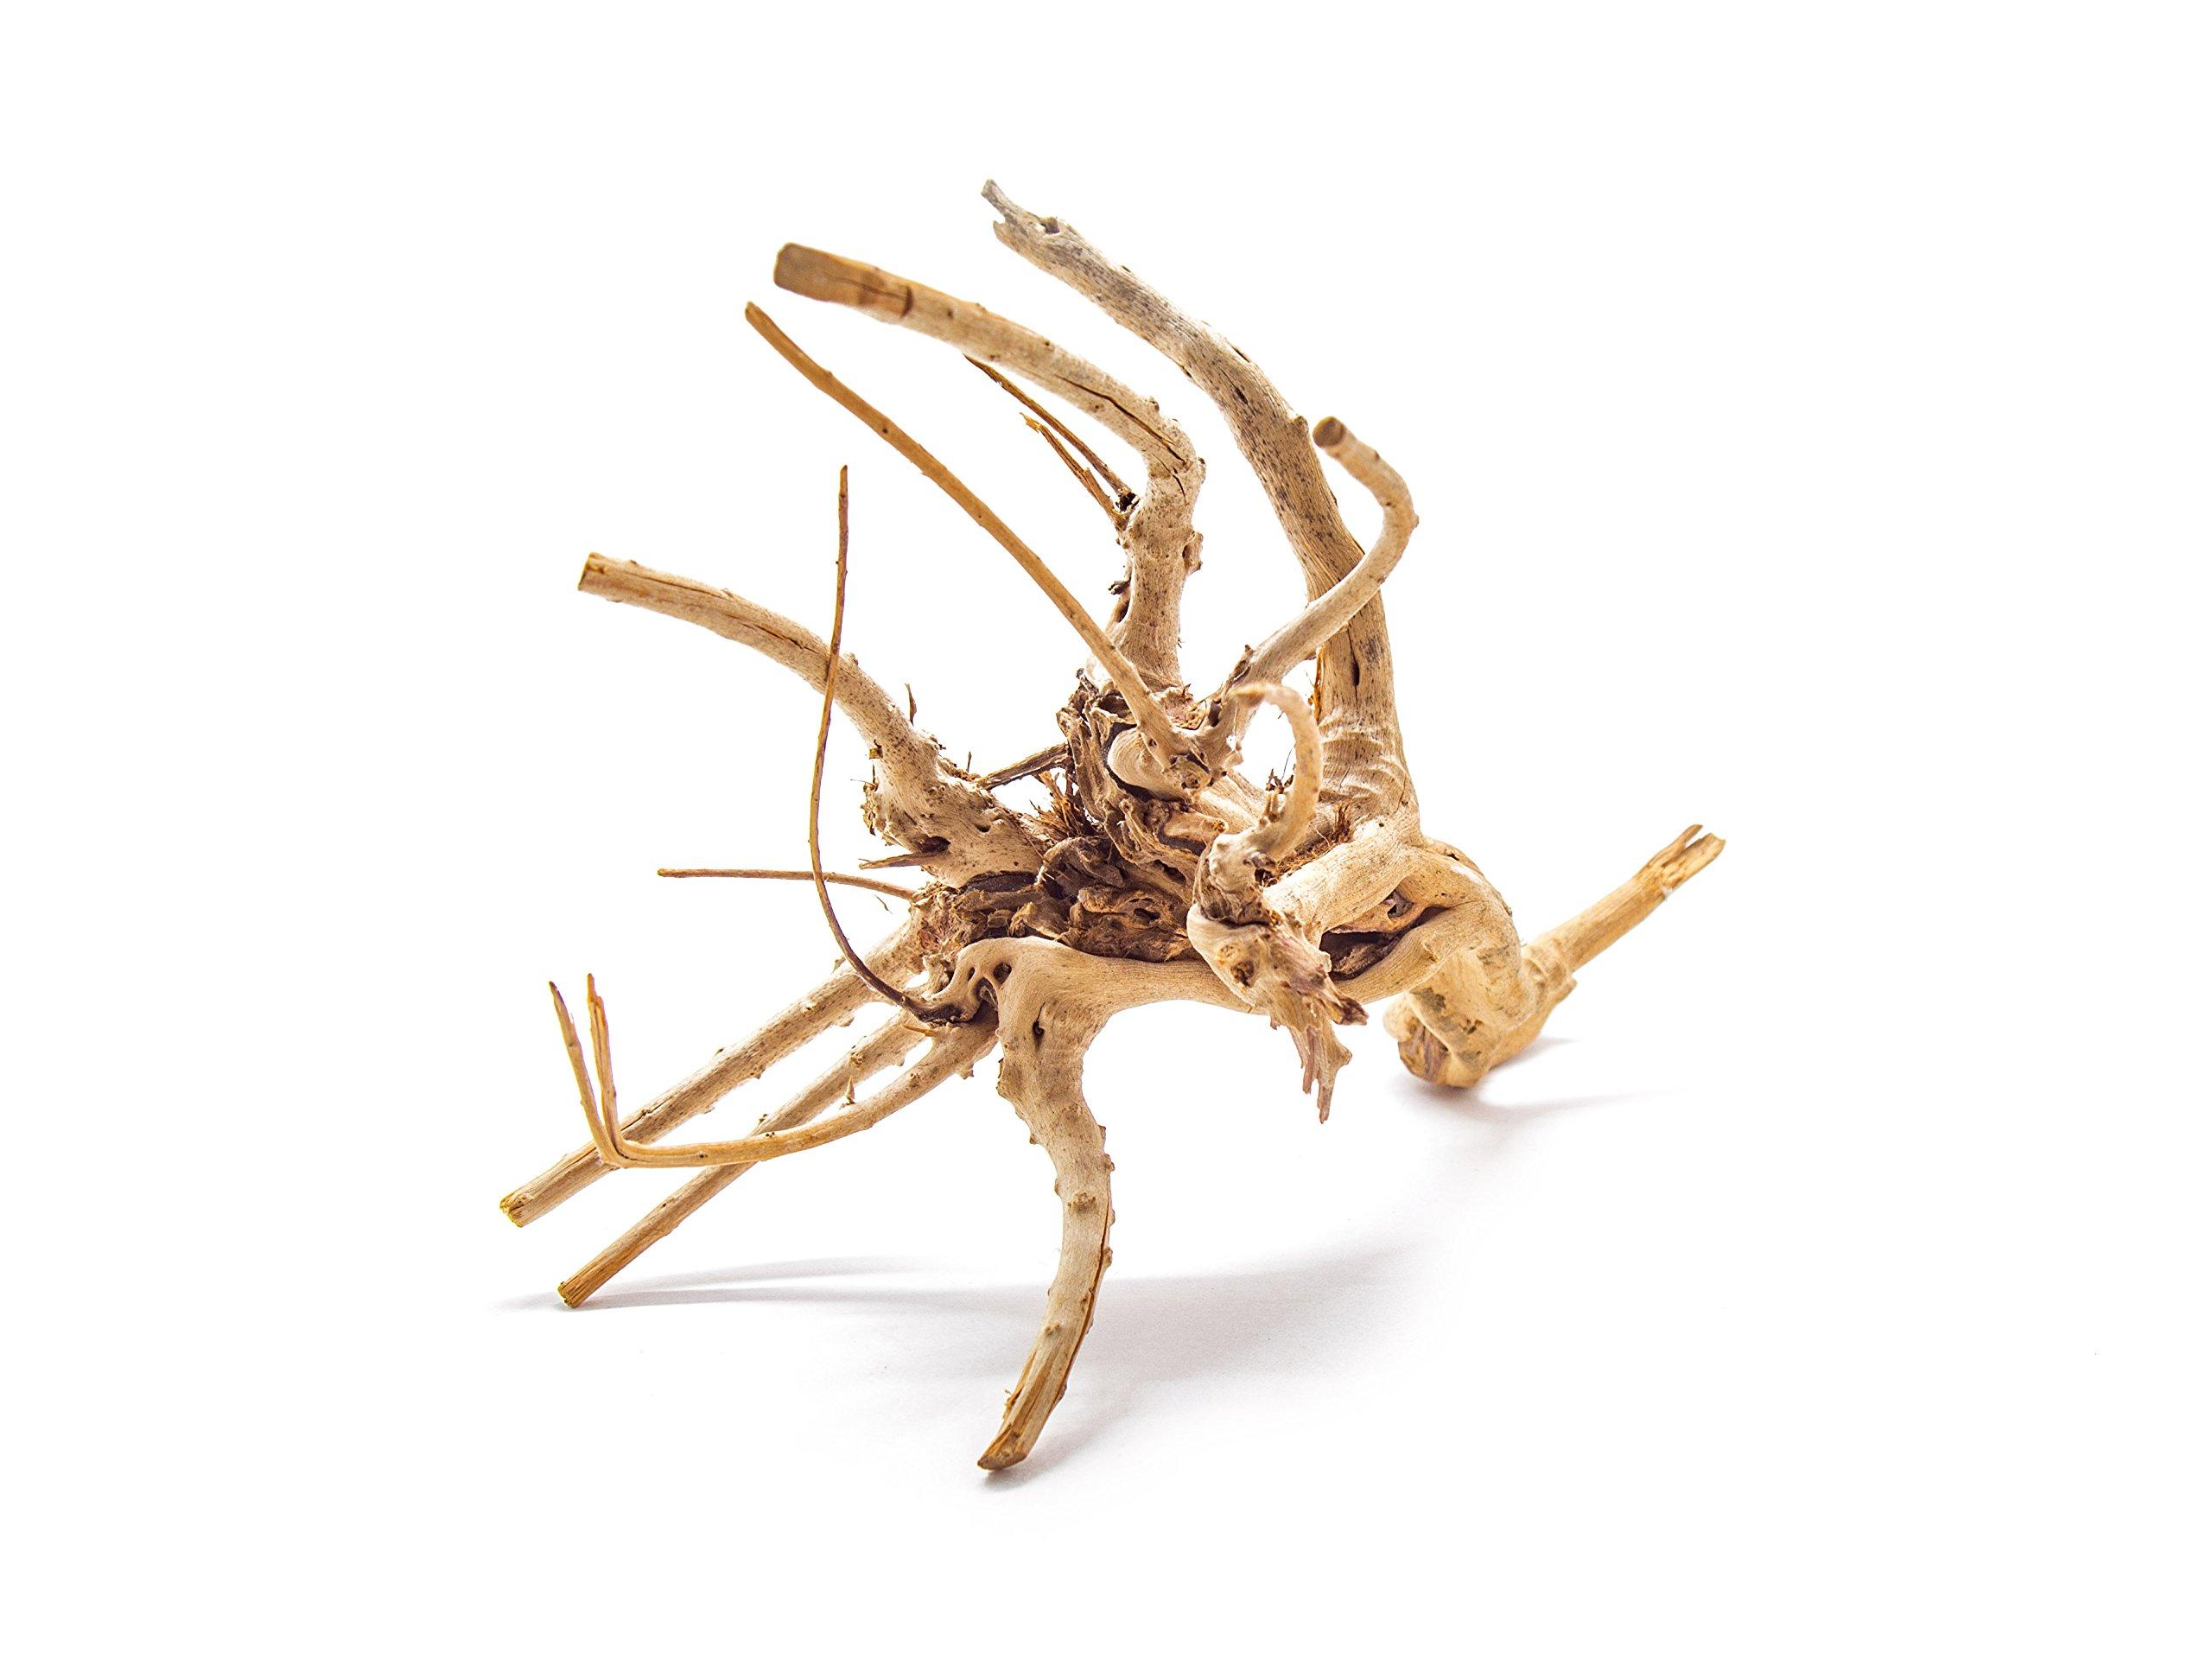 Aquatic Arts 1 Small Piece of Spider Wood aka Azalea Natural Aquarium Driftwood, 6-9''